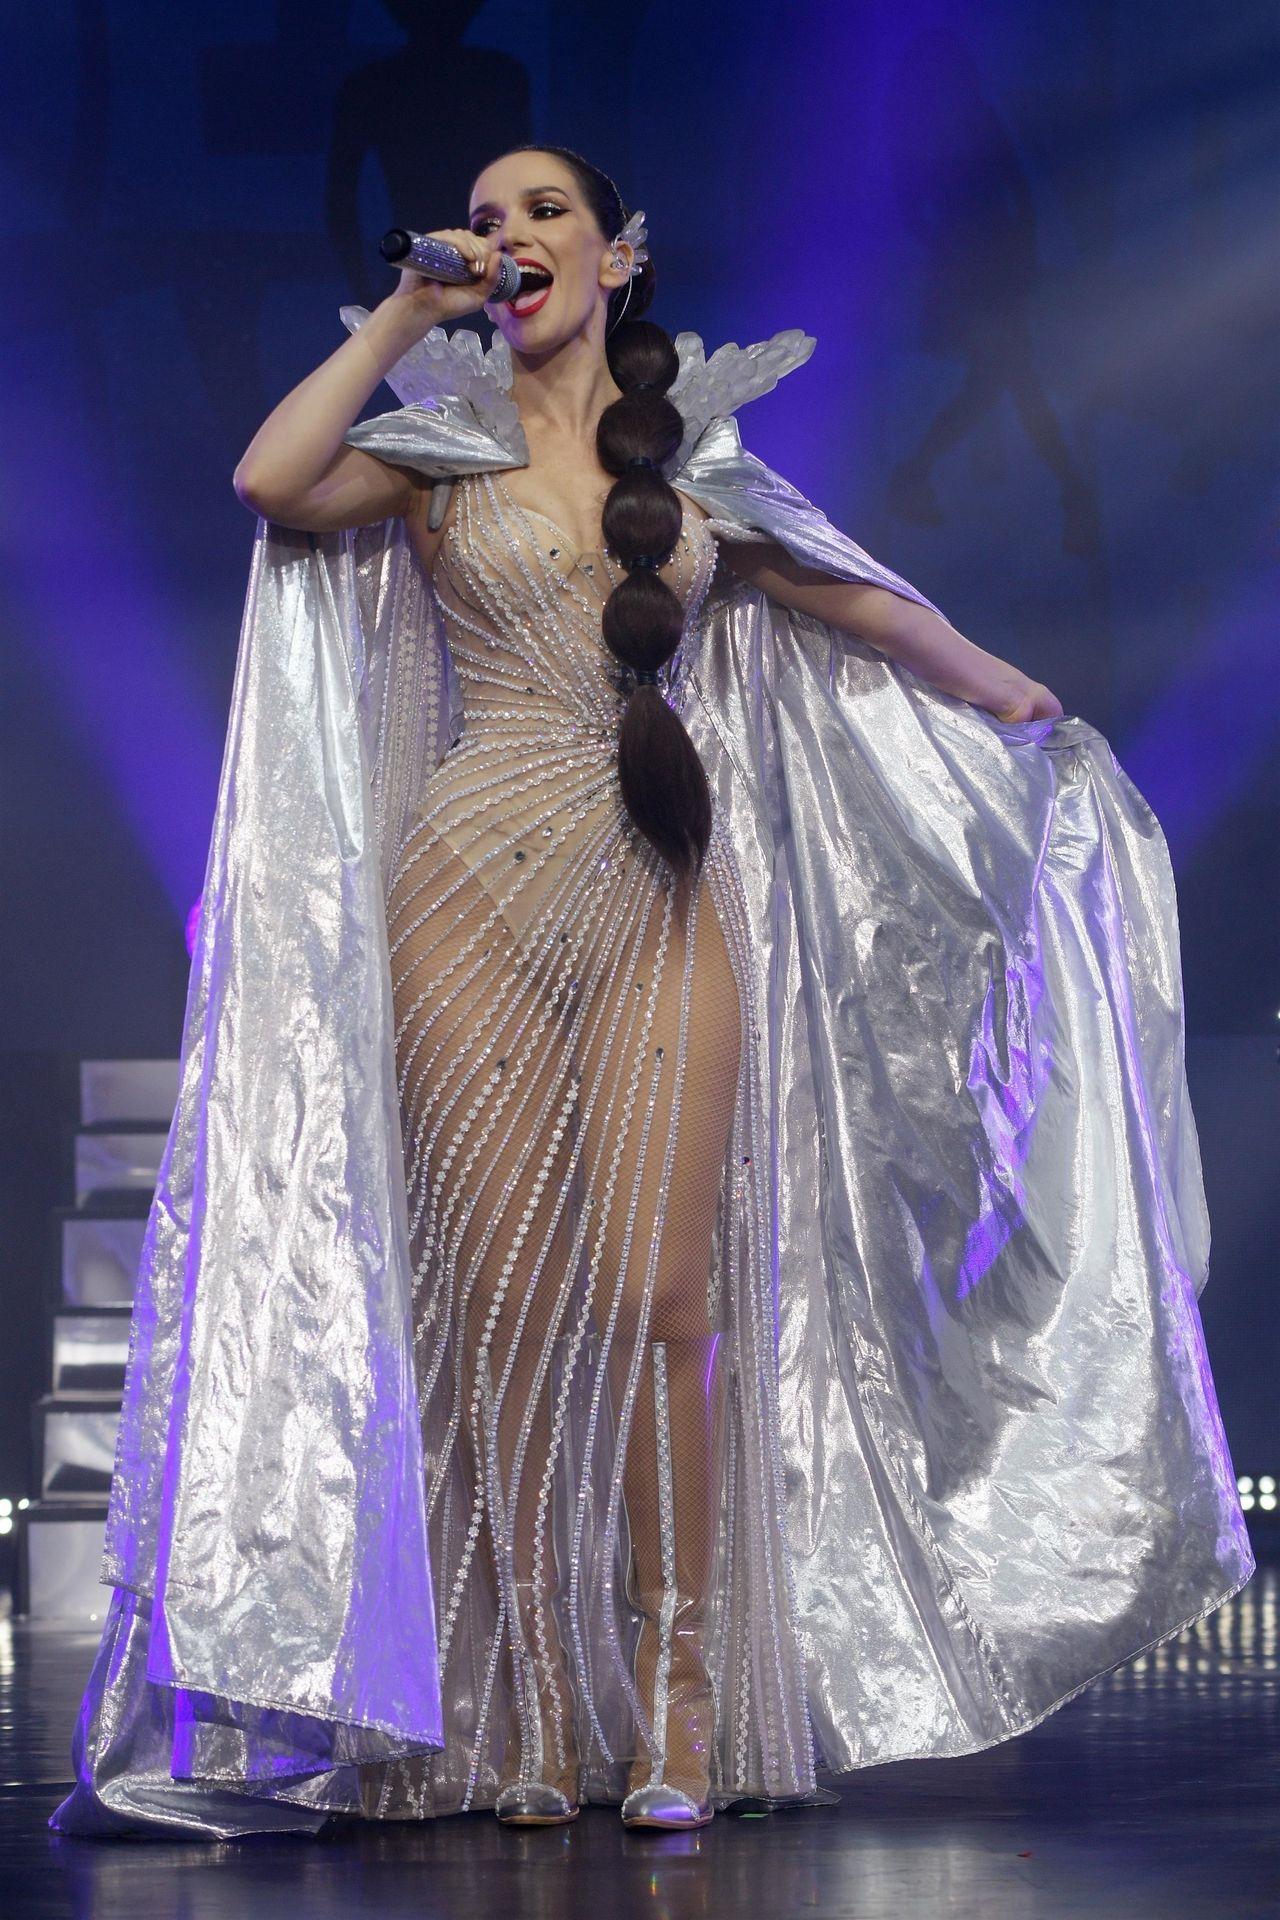 0229221633172_00_Natalia-Oreiro-Sexy-TheFappeningBlog.com-1.jpg